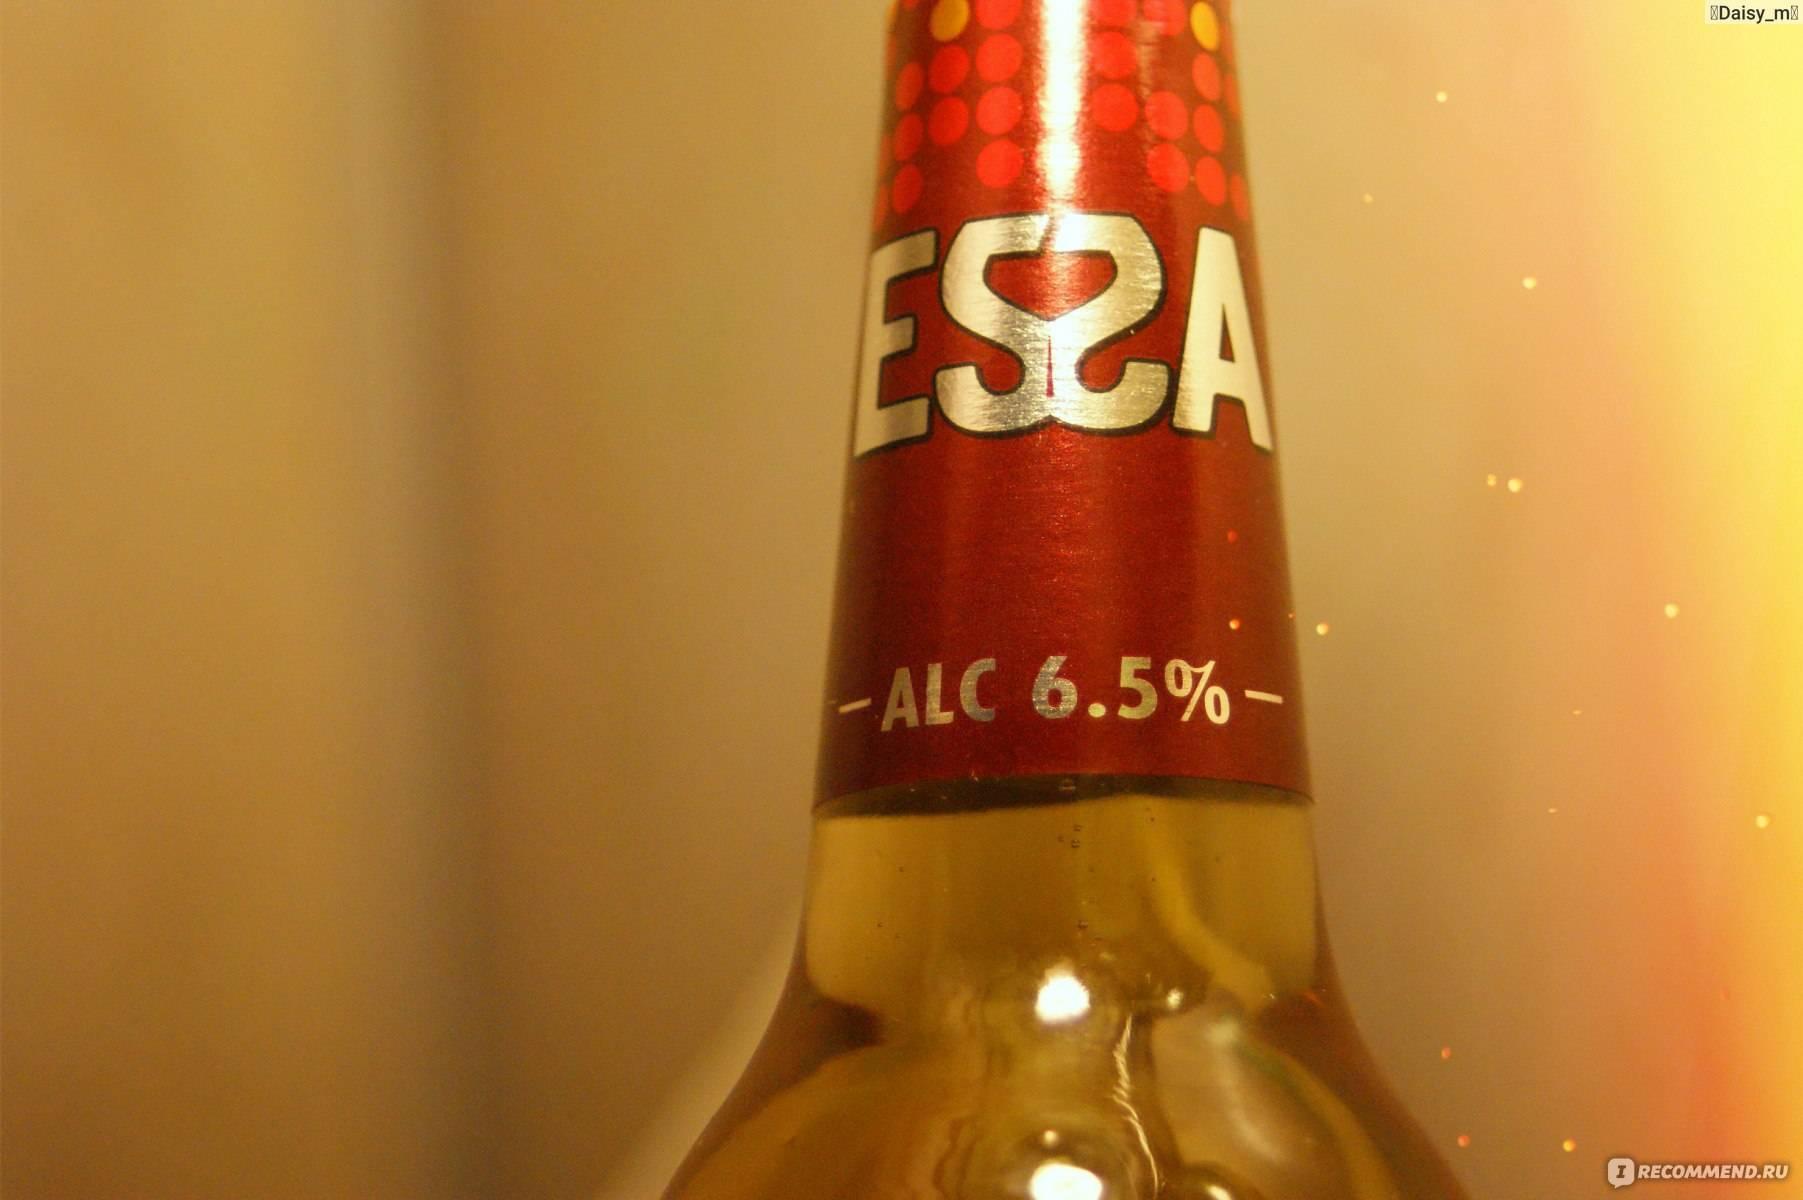 Пиво эсса и его особенности